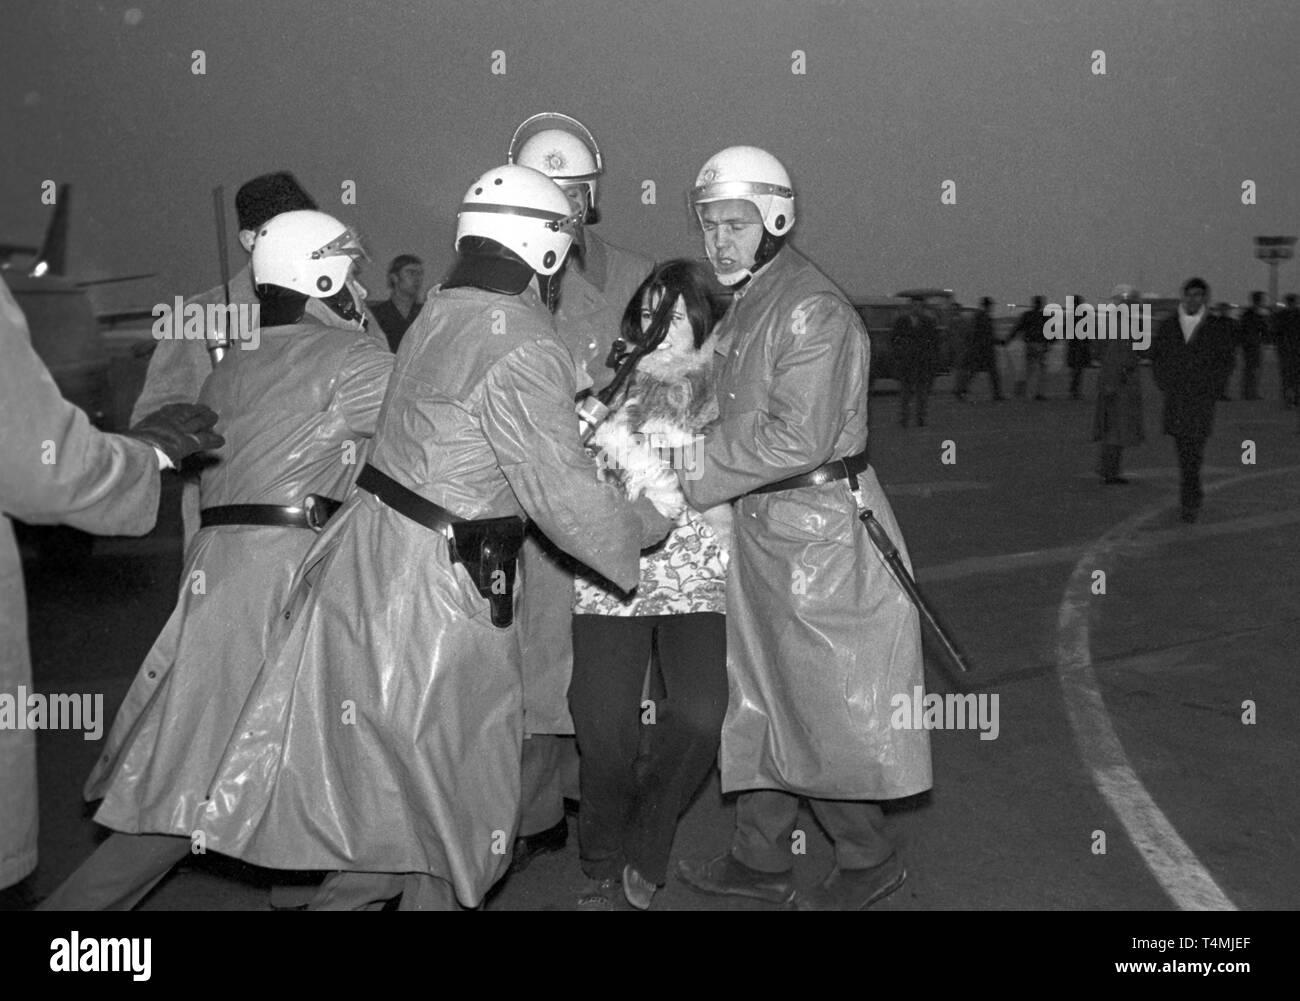 Policement pousser l'adolescent à partir de l'aire de l'aéroport. Les leaders étudiants Daniel Cohn-Bendit et Karl Dietrich Wollf et un plus grand groupe d'adolescents voulaient bienvenue leader des Black Panthers, 'Grand Homme' à l'aéroport de Frankfurt am Main le 13 décembre 1969. Les adolescents, qui l'a fait à l'aire de l'aéroport, ont été encerclés par la police et repoussé à l'édifice de l'aéroport, 18 personnes ont été temporairement arrêtées en raison d'une bagarre. Grand homme avait été renvoyé à Paris en attendant la suite d'une interdiction d'entrée. Dans le monde d'utilisation | Banque D'Images